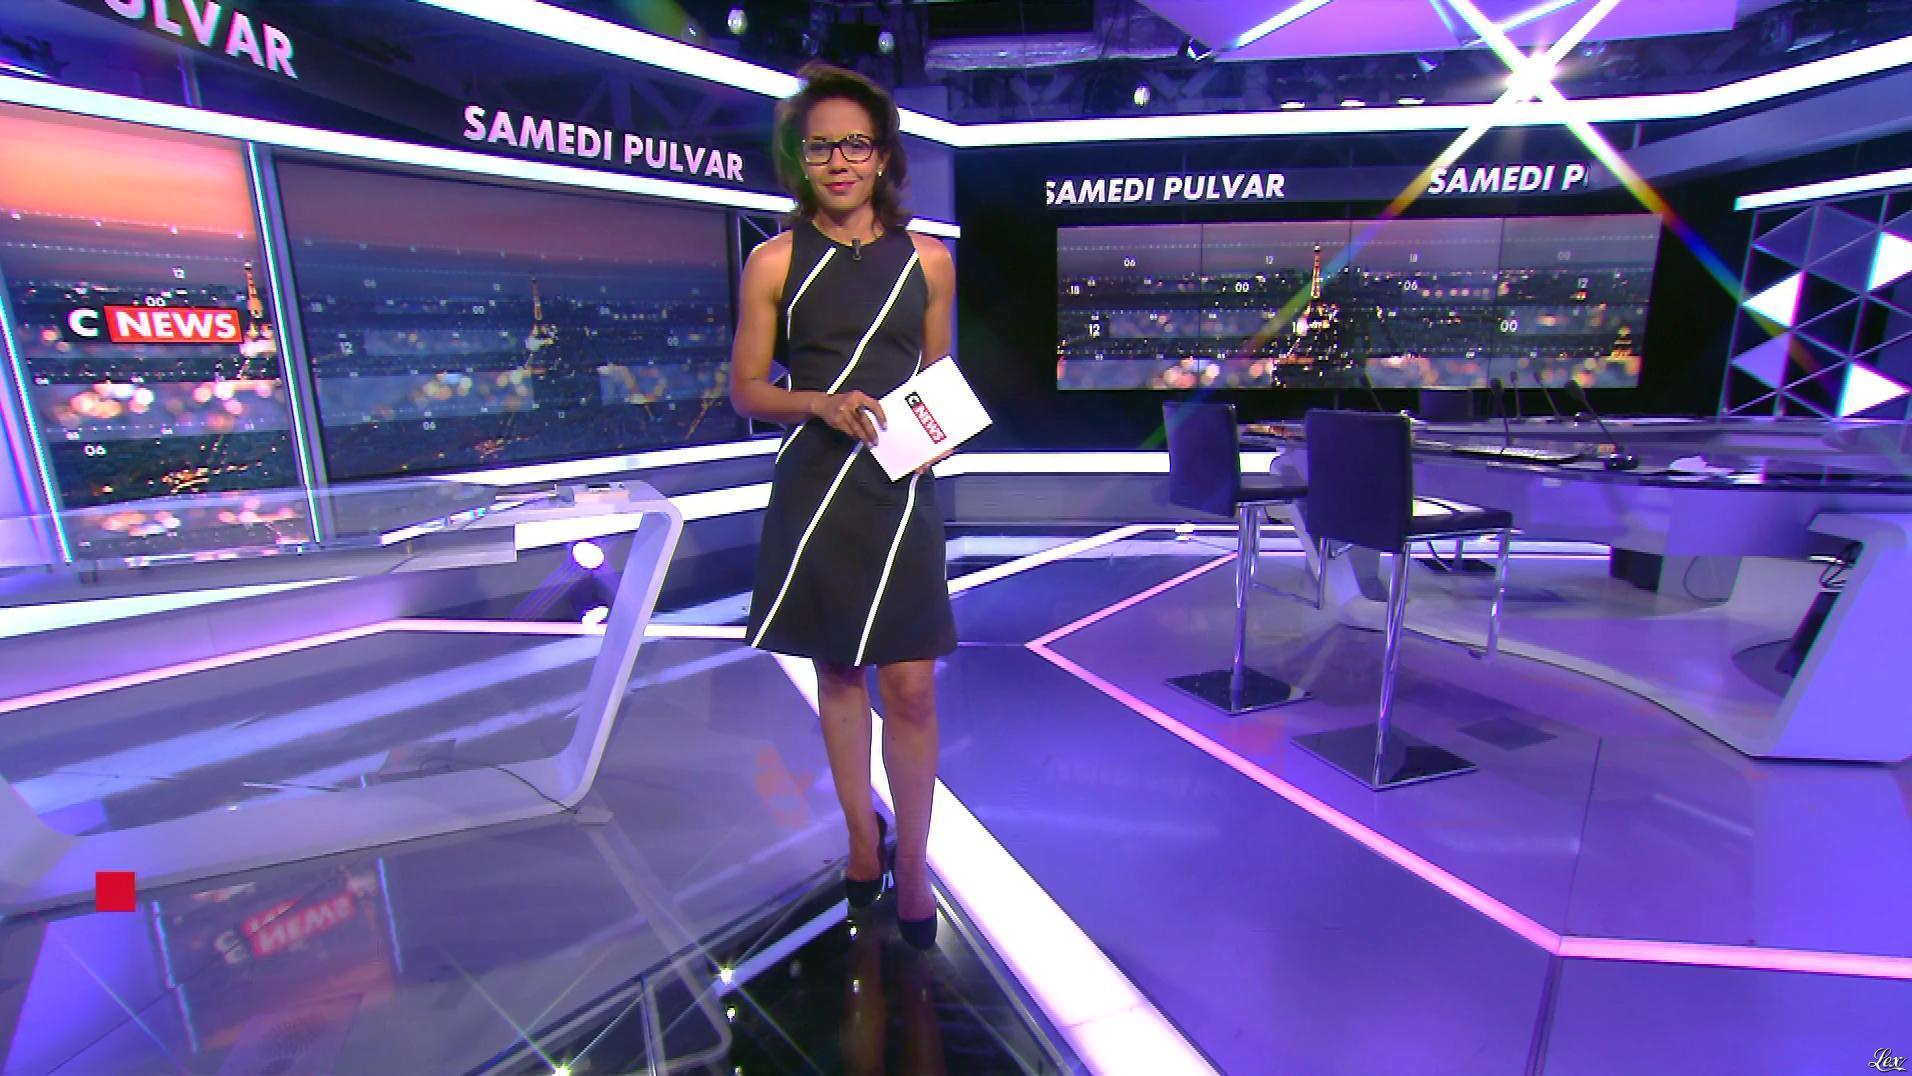 Audrey Pulvar dans Samedi Pulvar. Diffusé à la télévision le 17/06/17.